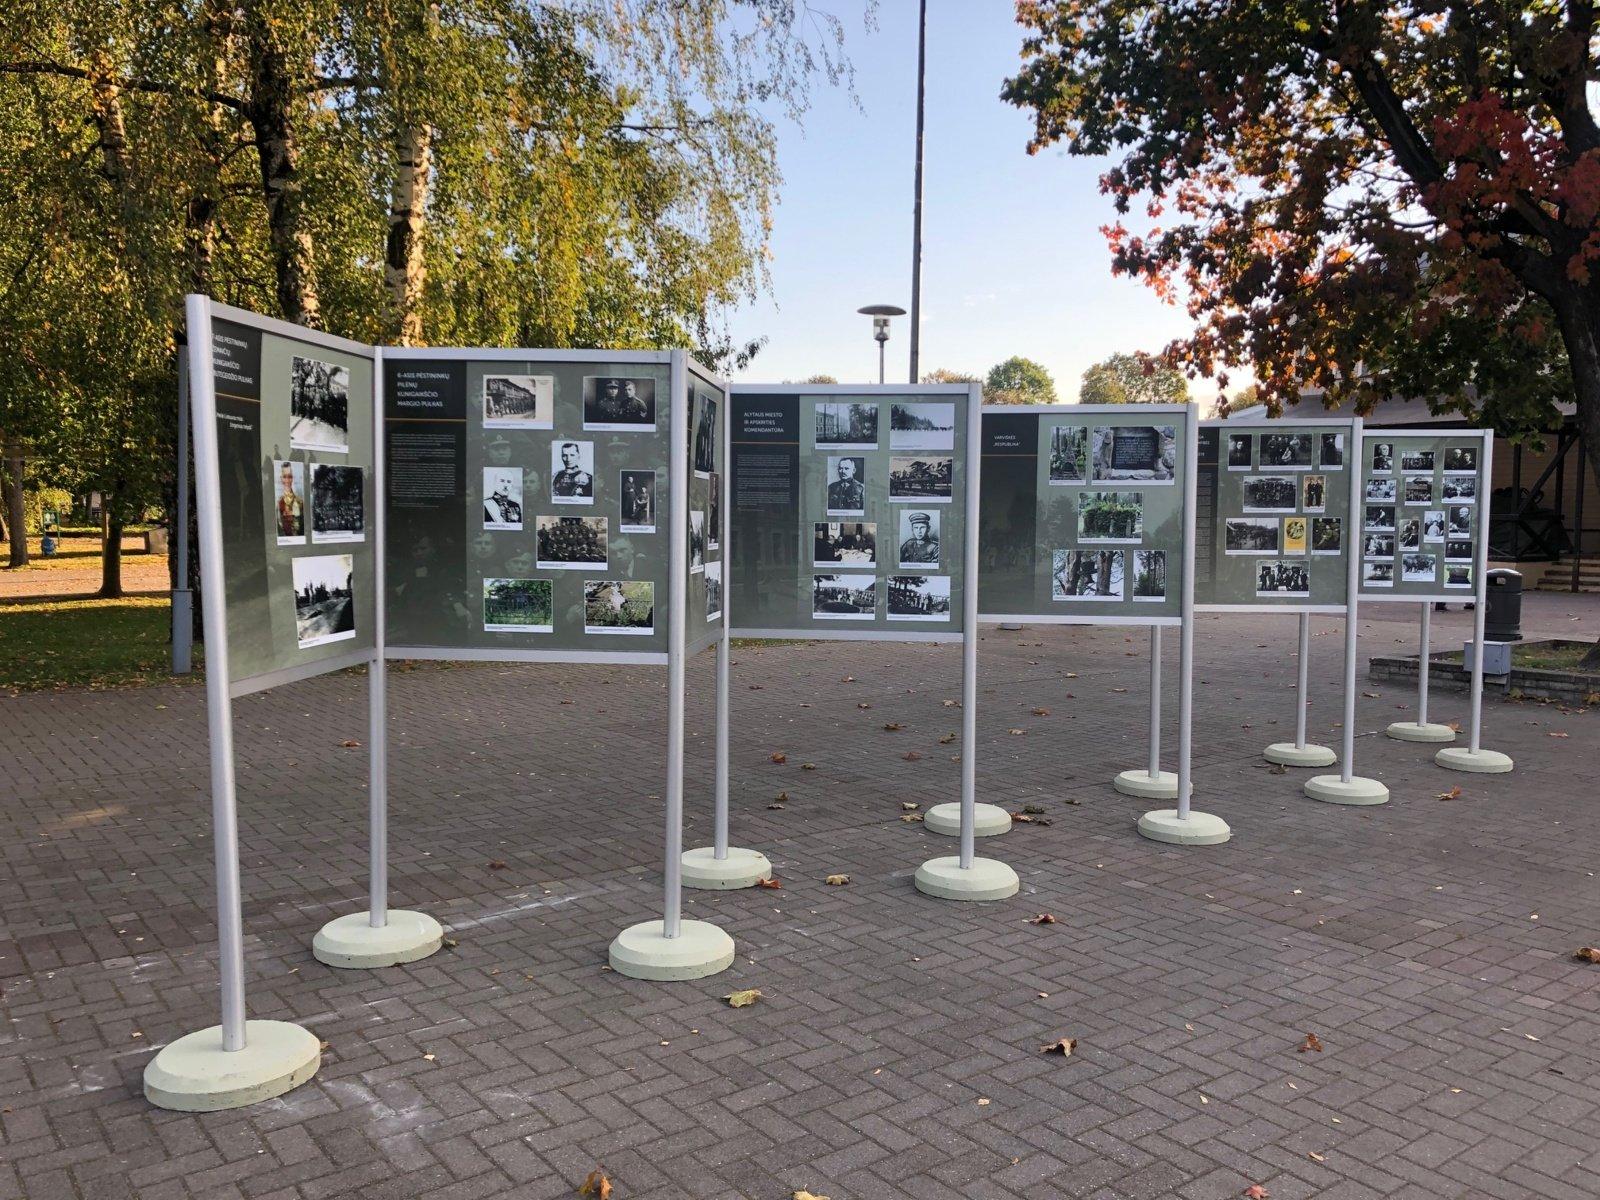 Paroda Druskininkų pramogų aikštėje: Nepriklausomybės kovos Dzūkijoje